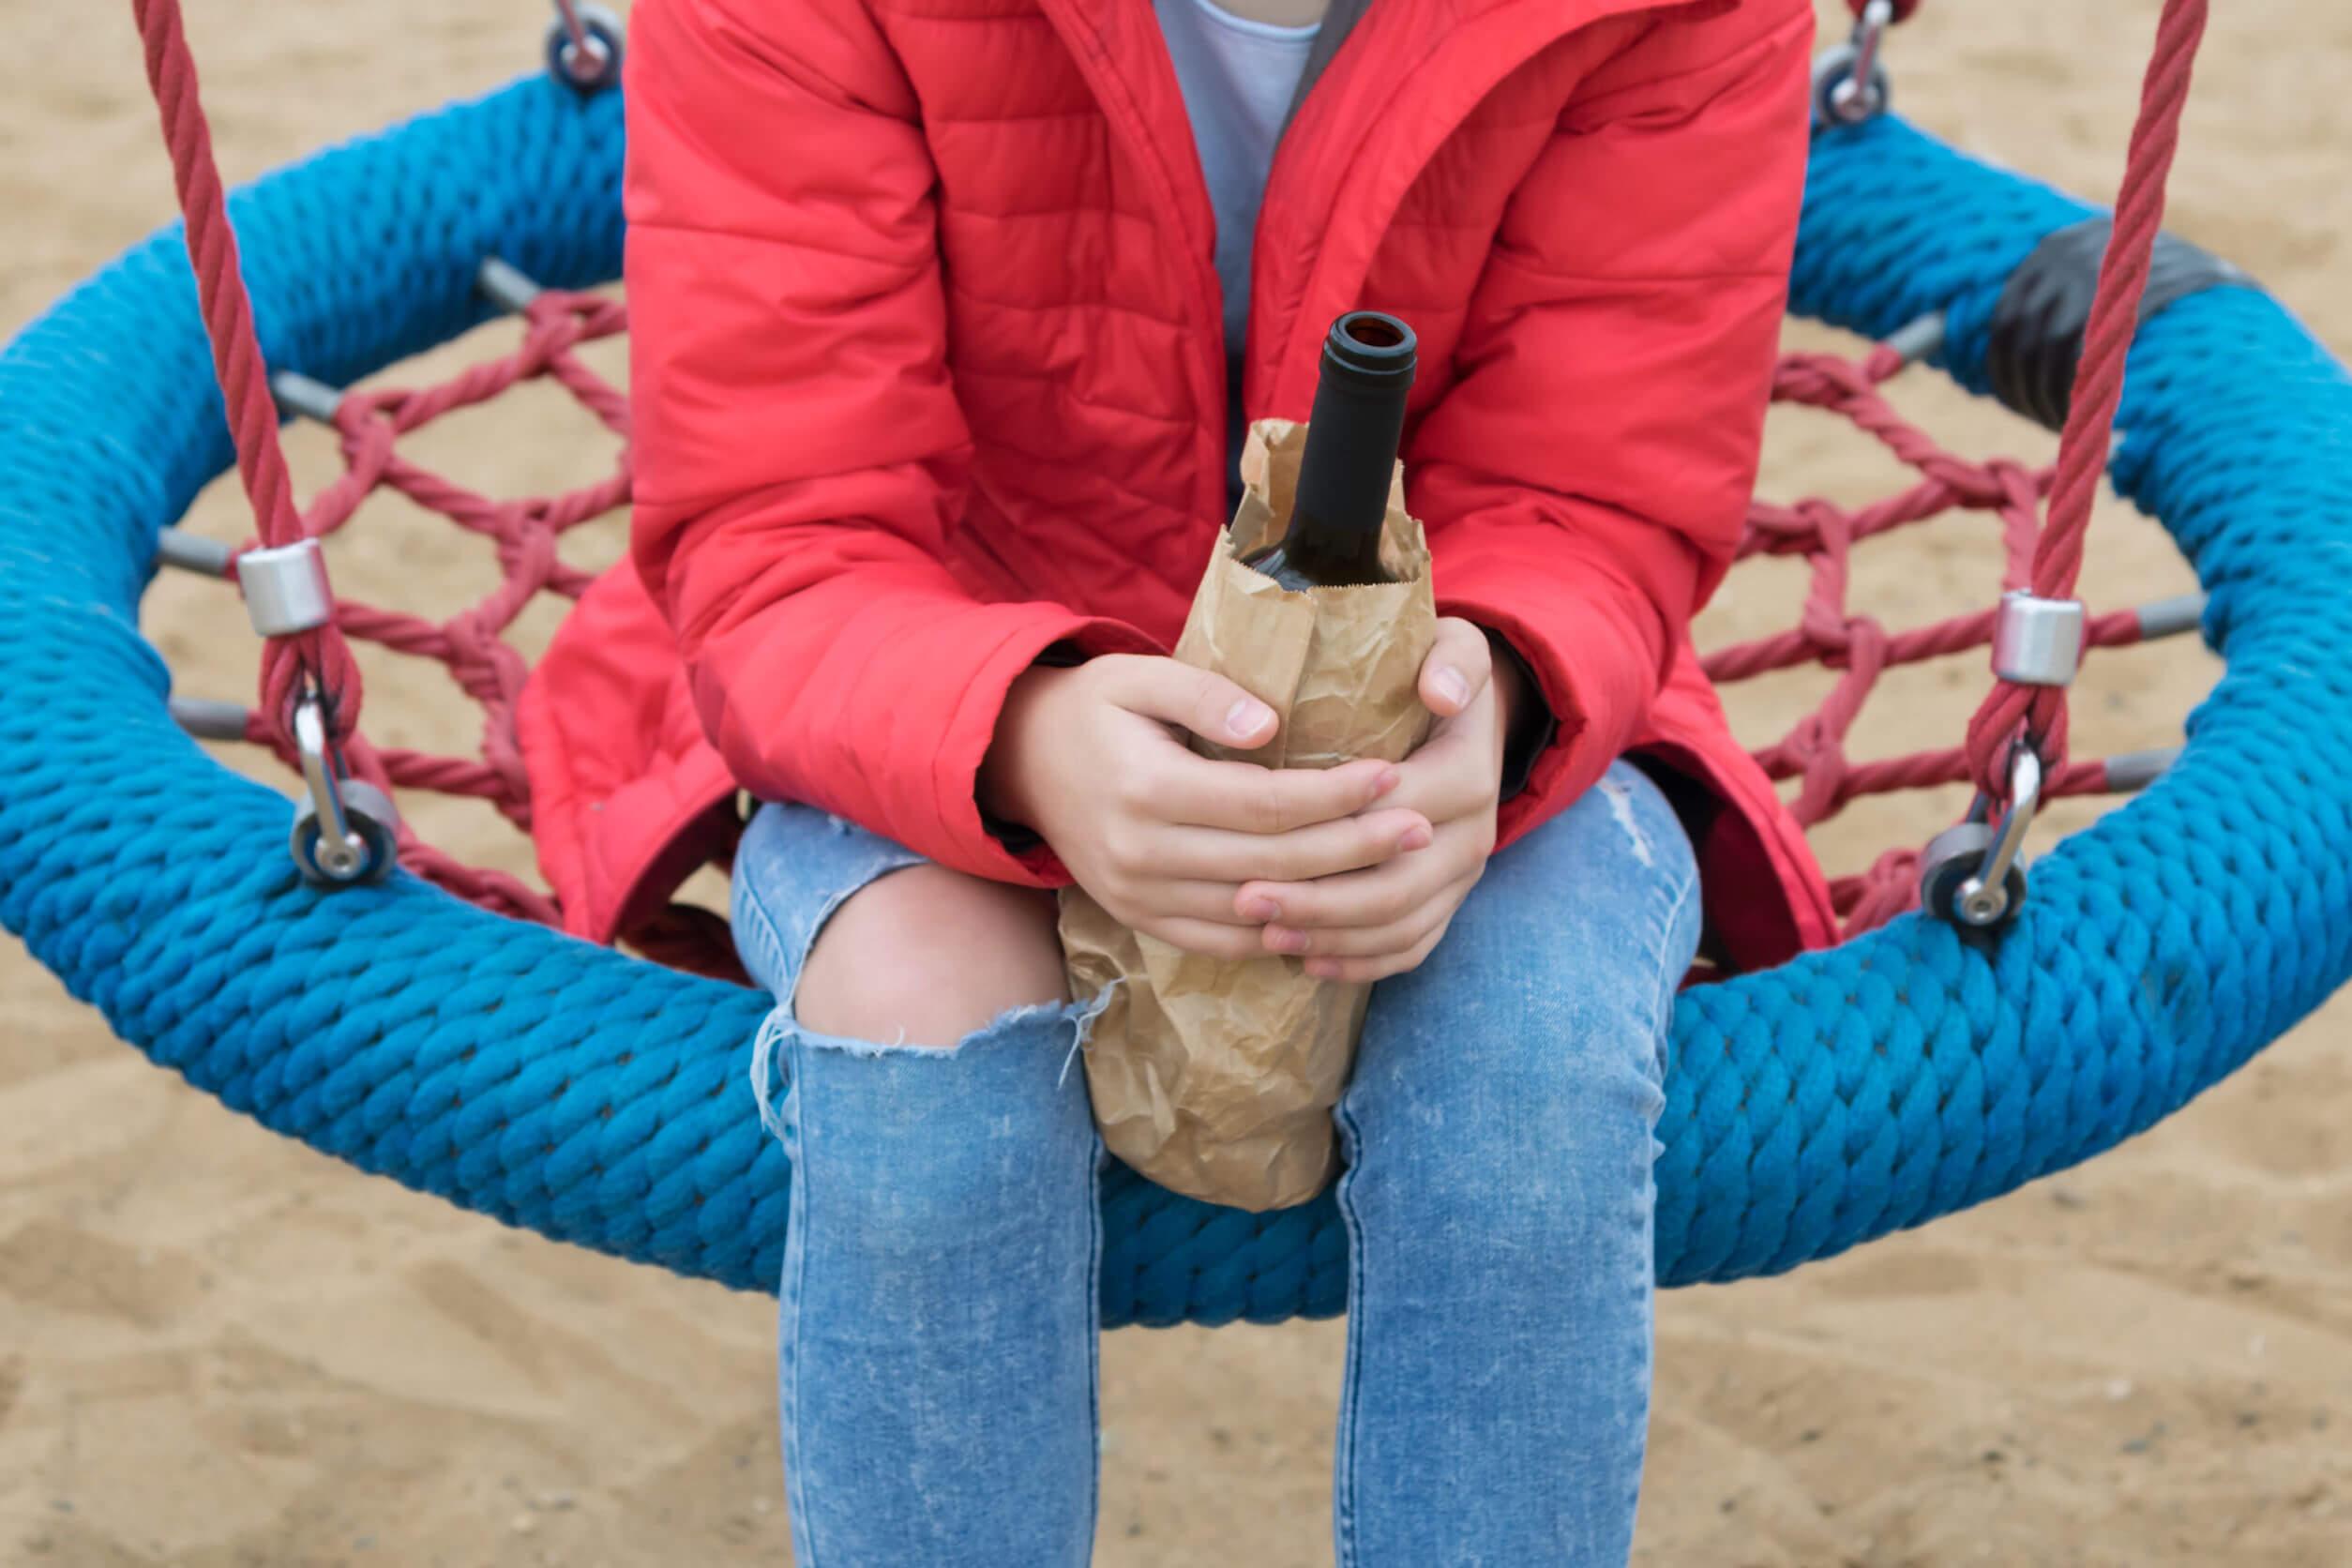 Los hábitos que causan reflujo gastroesofágico incluyen el consumo alcohol.